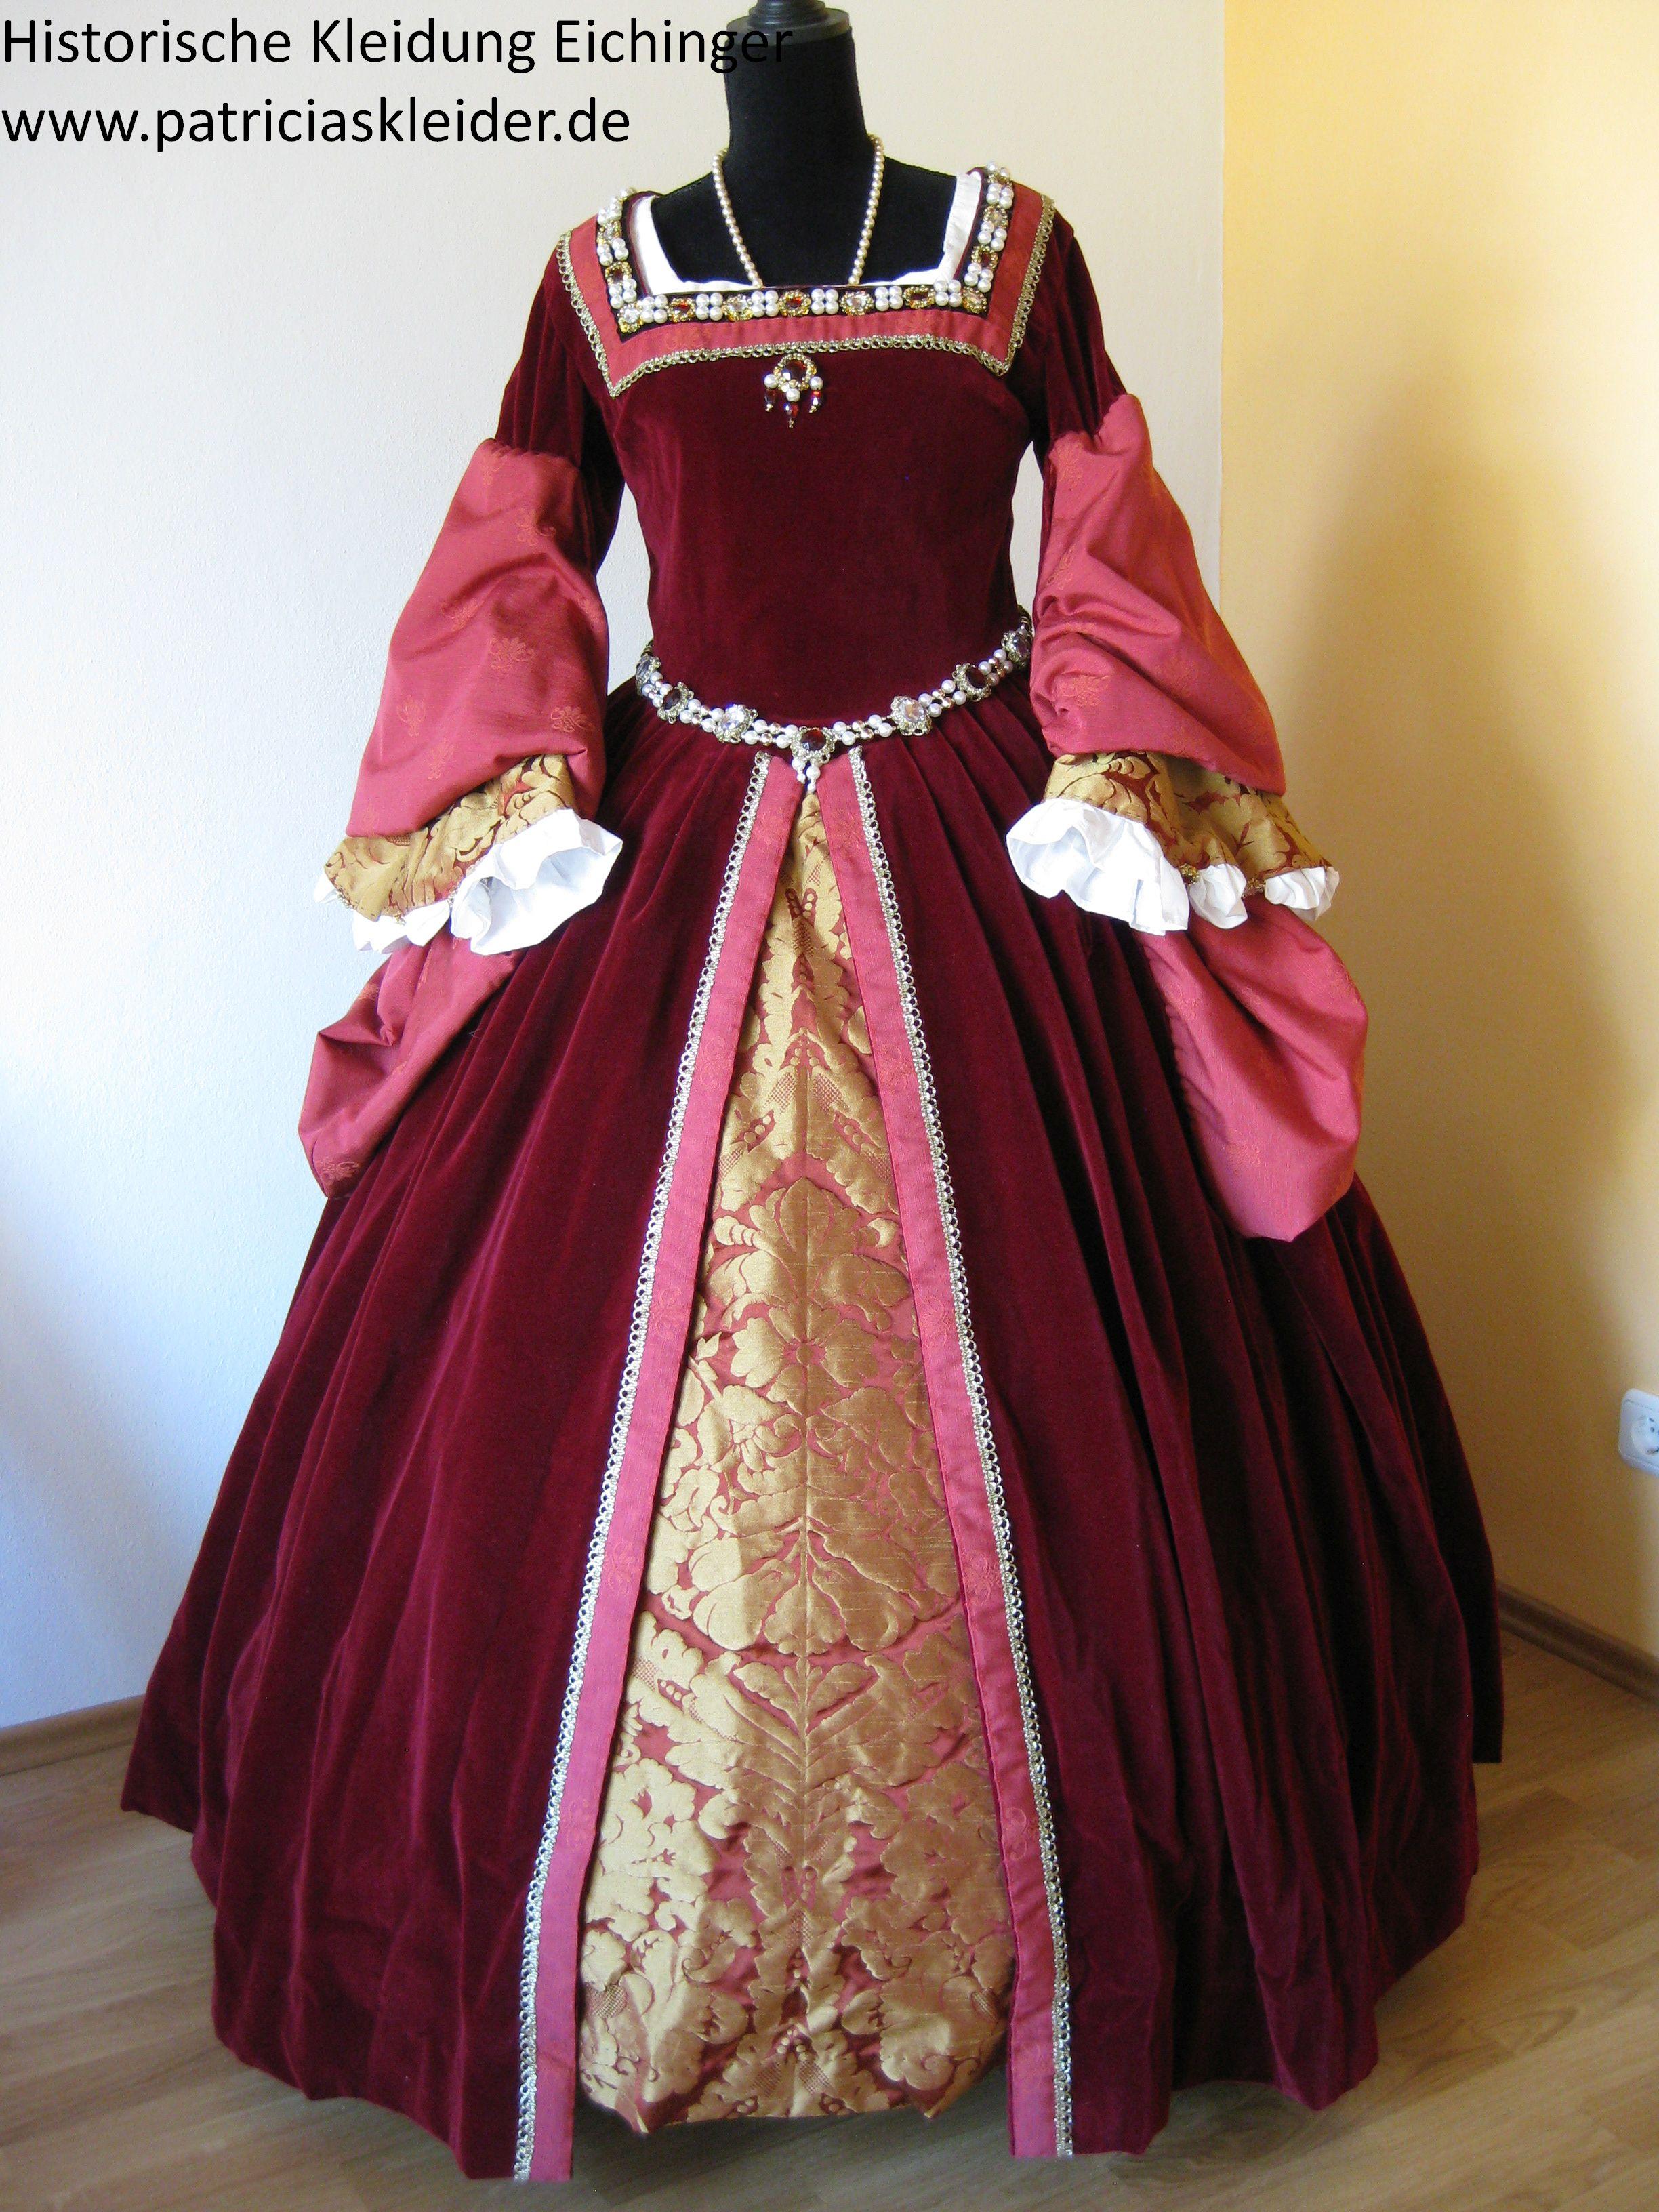 Renaissance - Historische Kleider und Kostüme